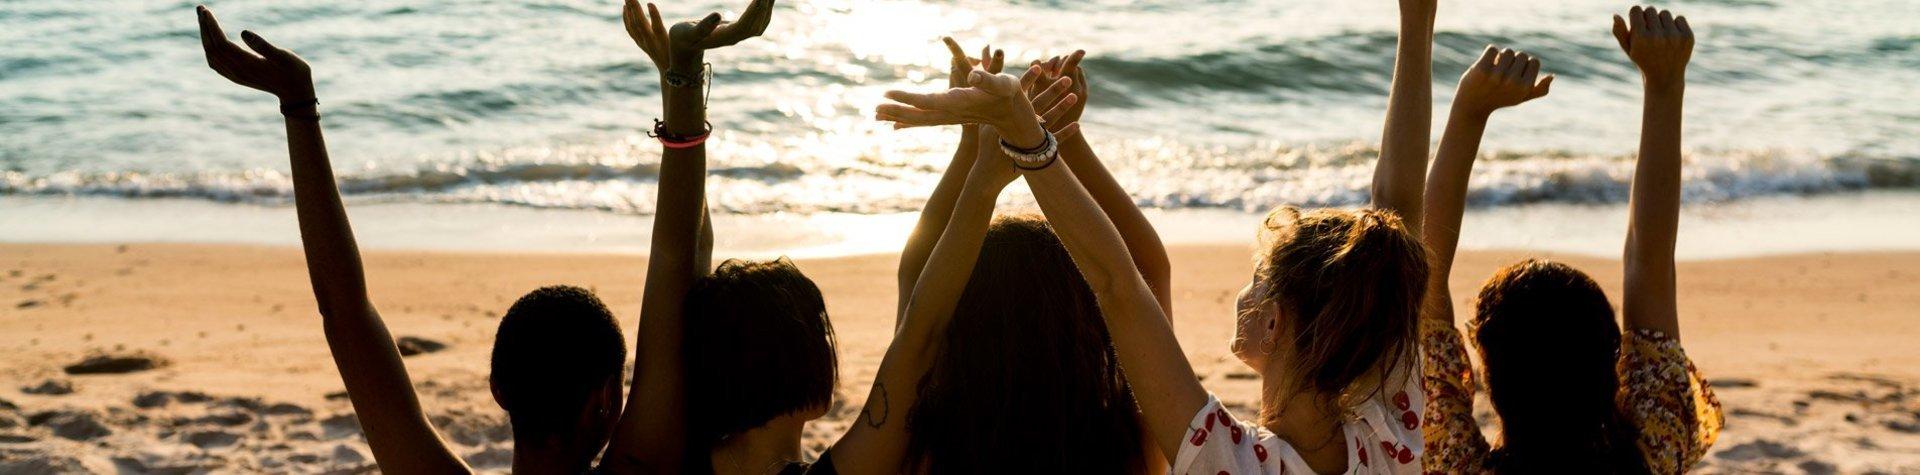 girls cheering at the beach